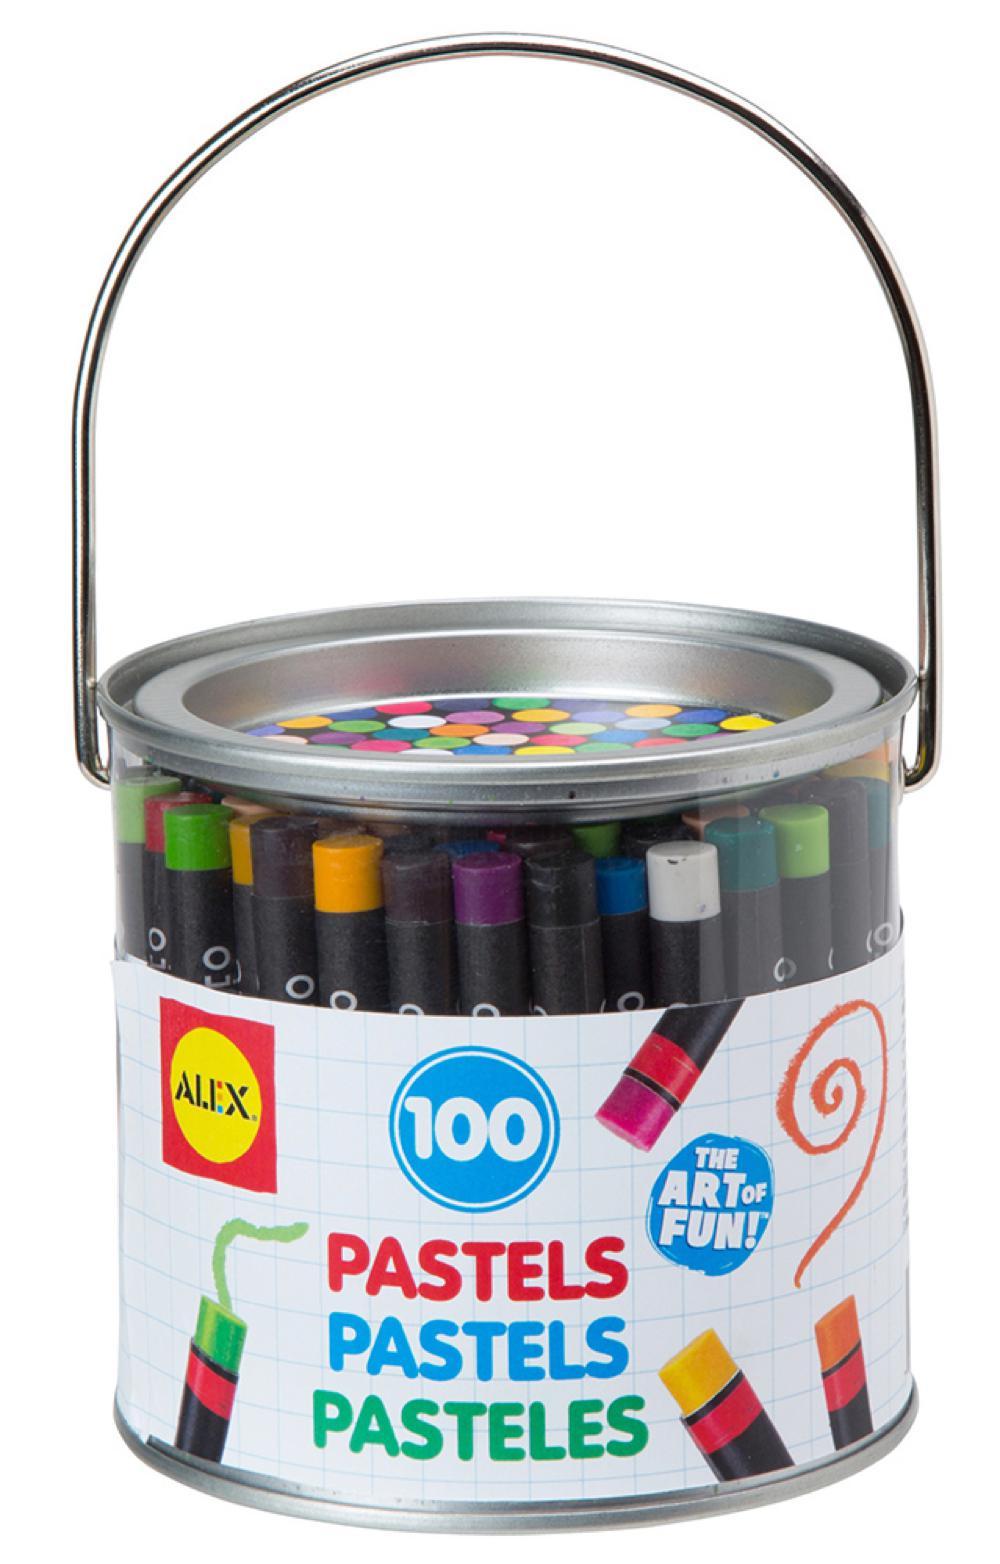 100 Pastels